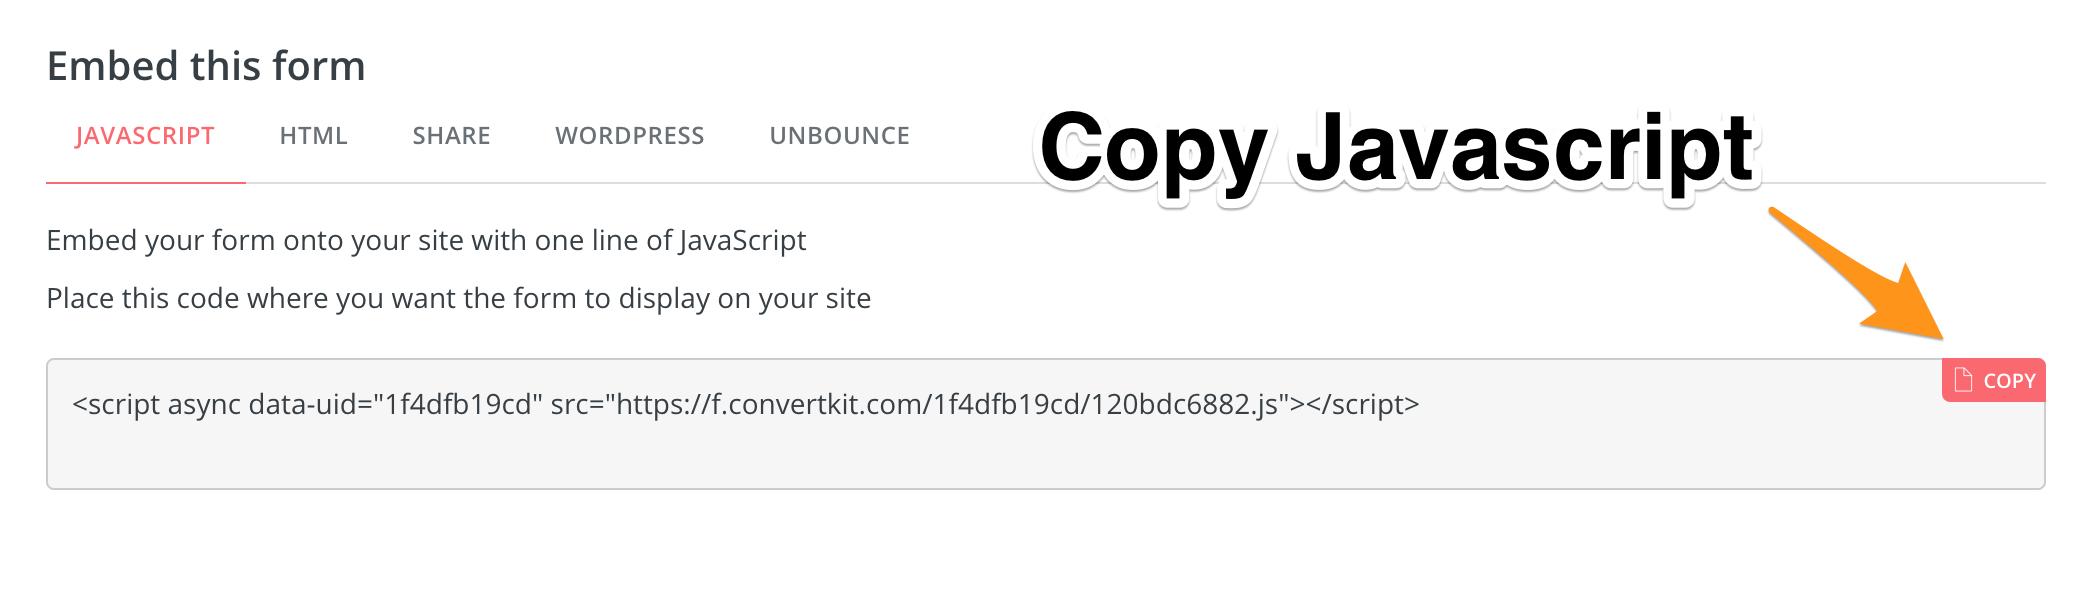 12. Copy Javascript - ConvertKit Tutorial 2019 - Megan Minns